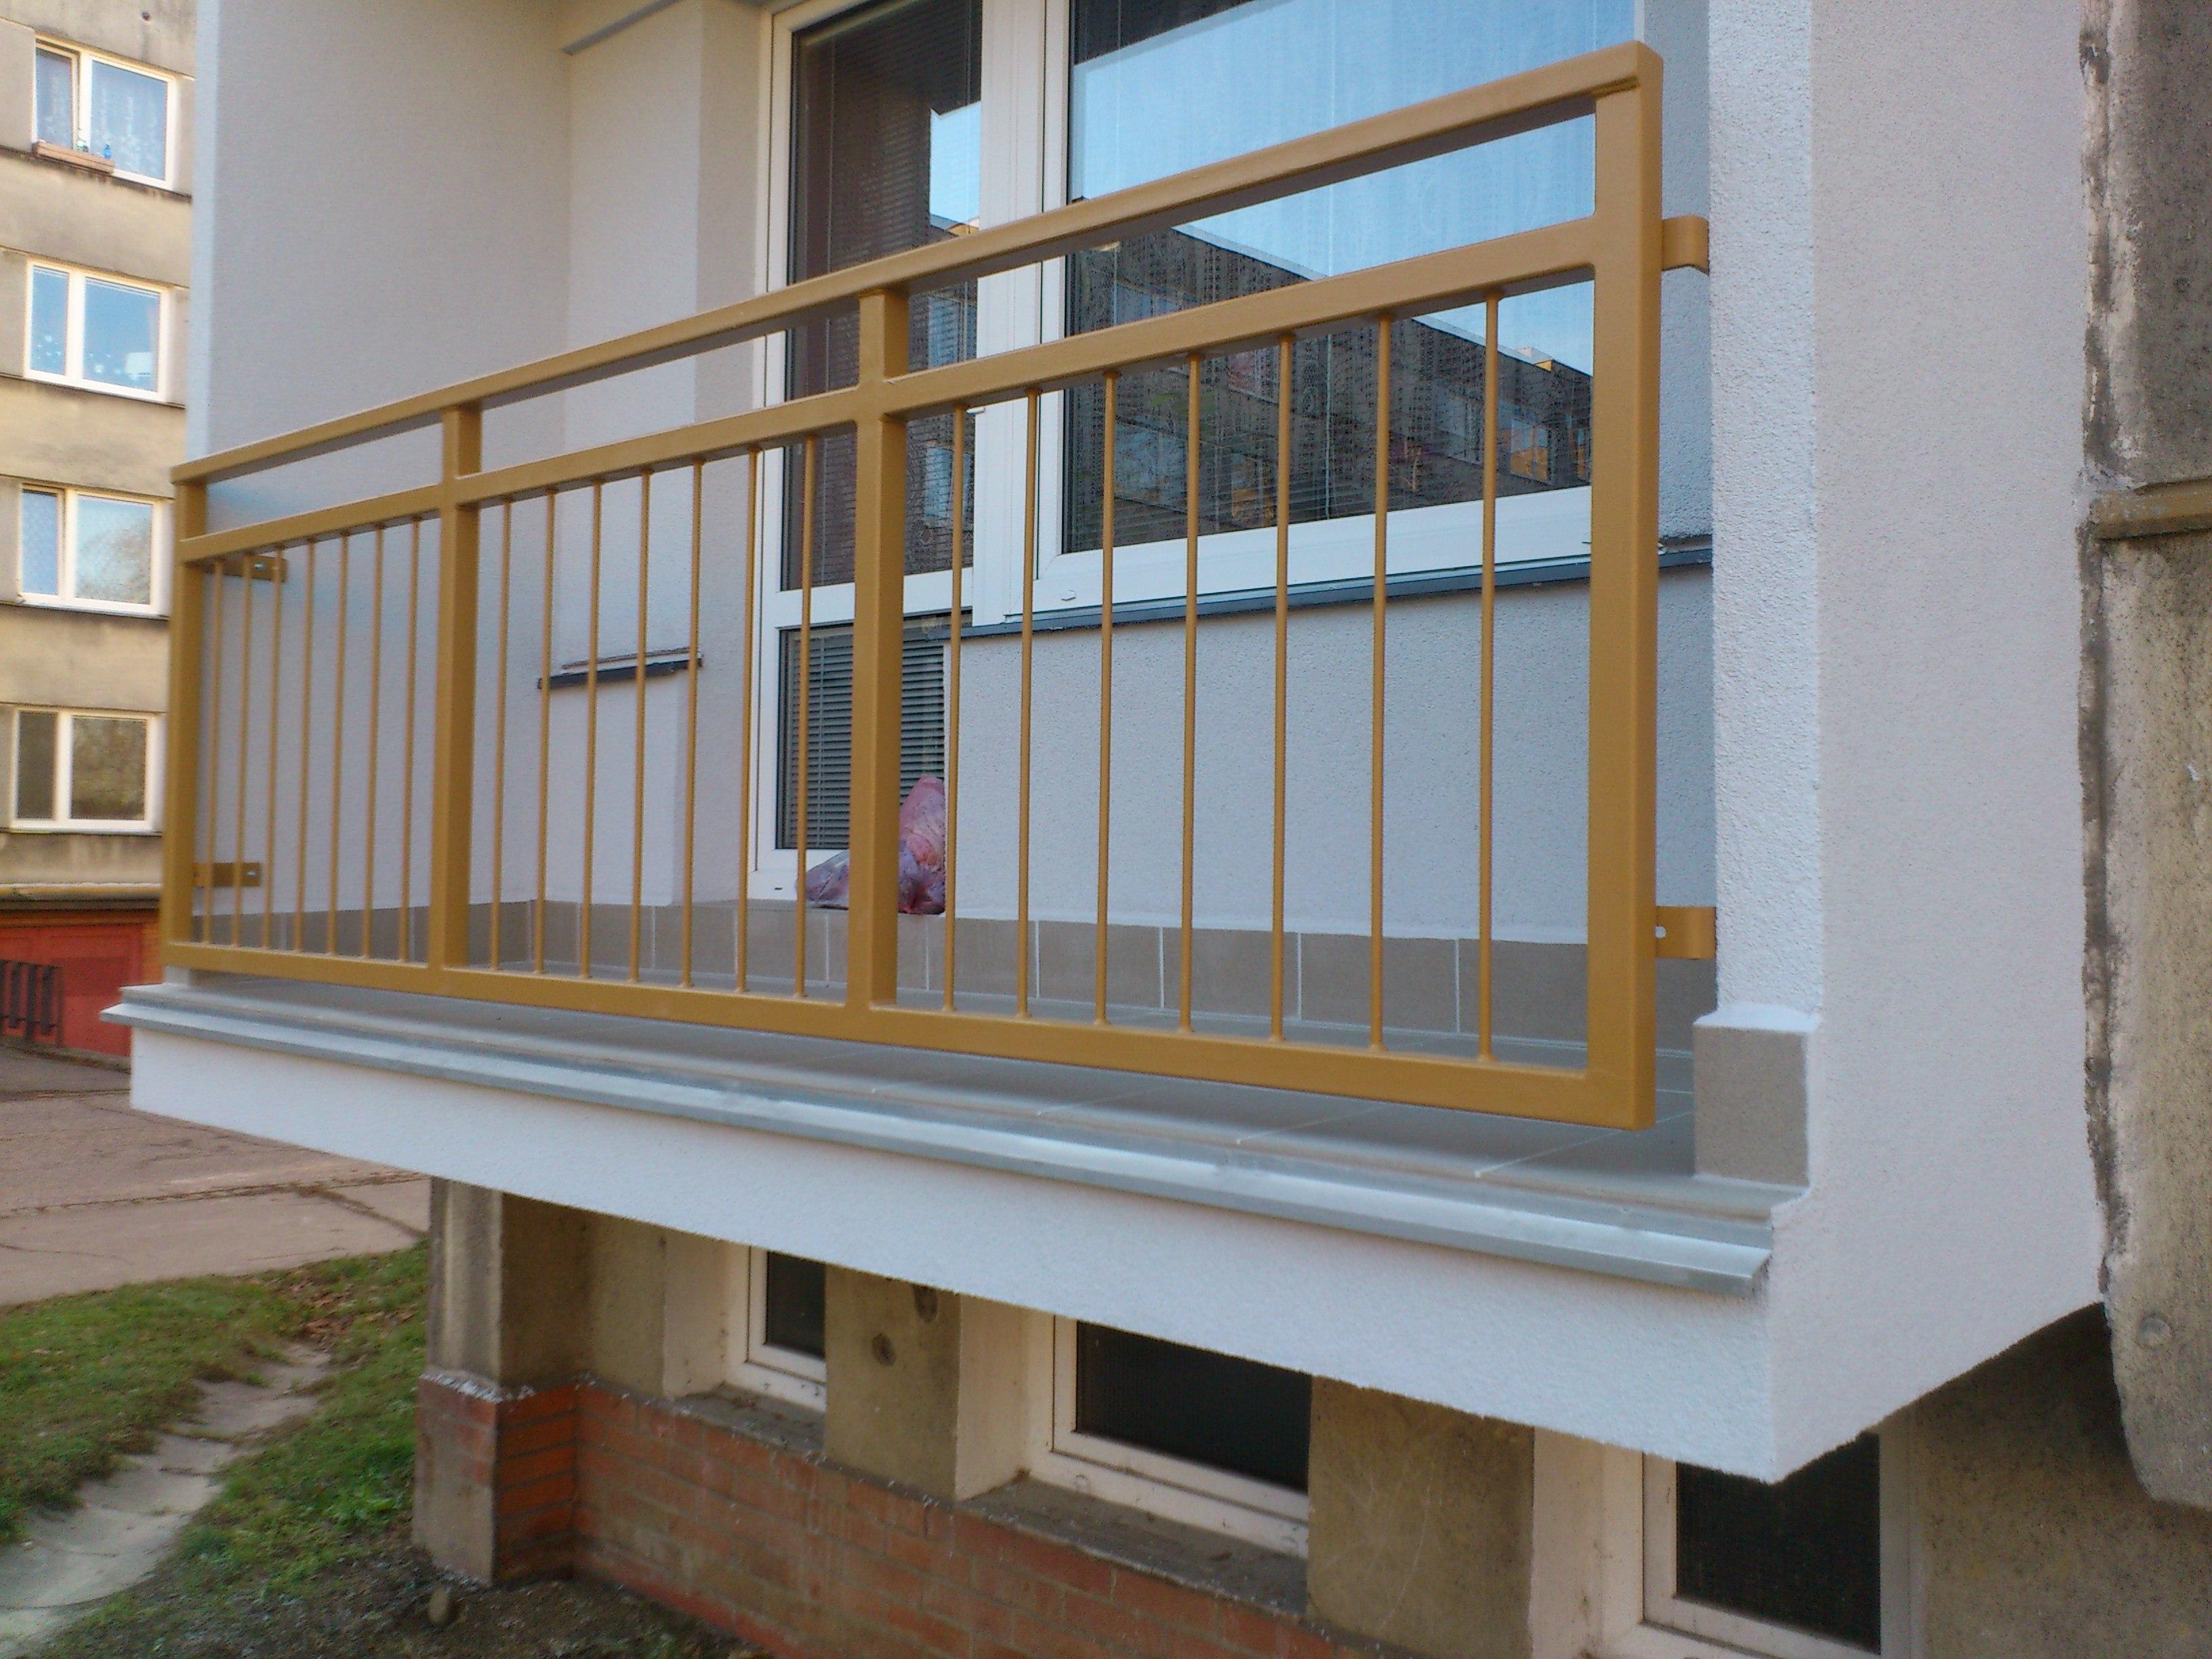 Balkony Ocelové konstrukce Ostrava